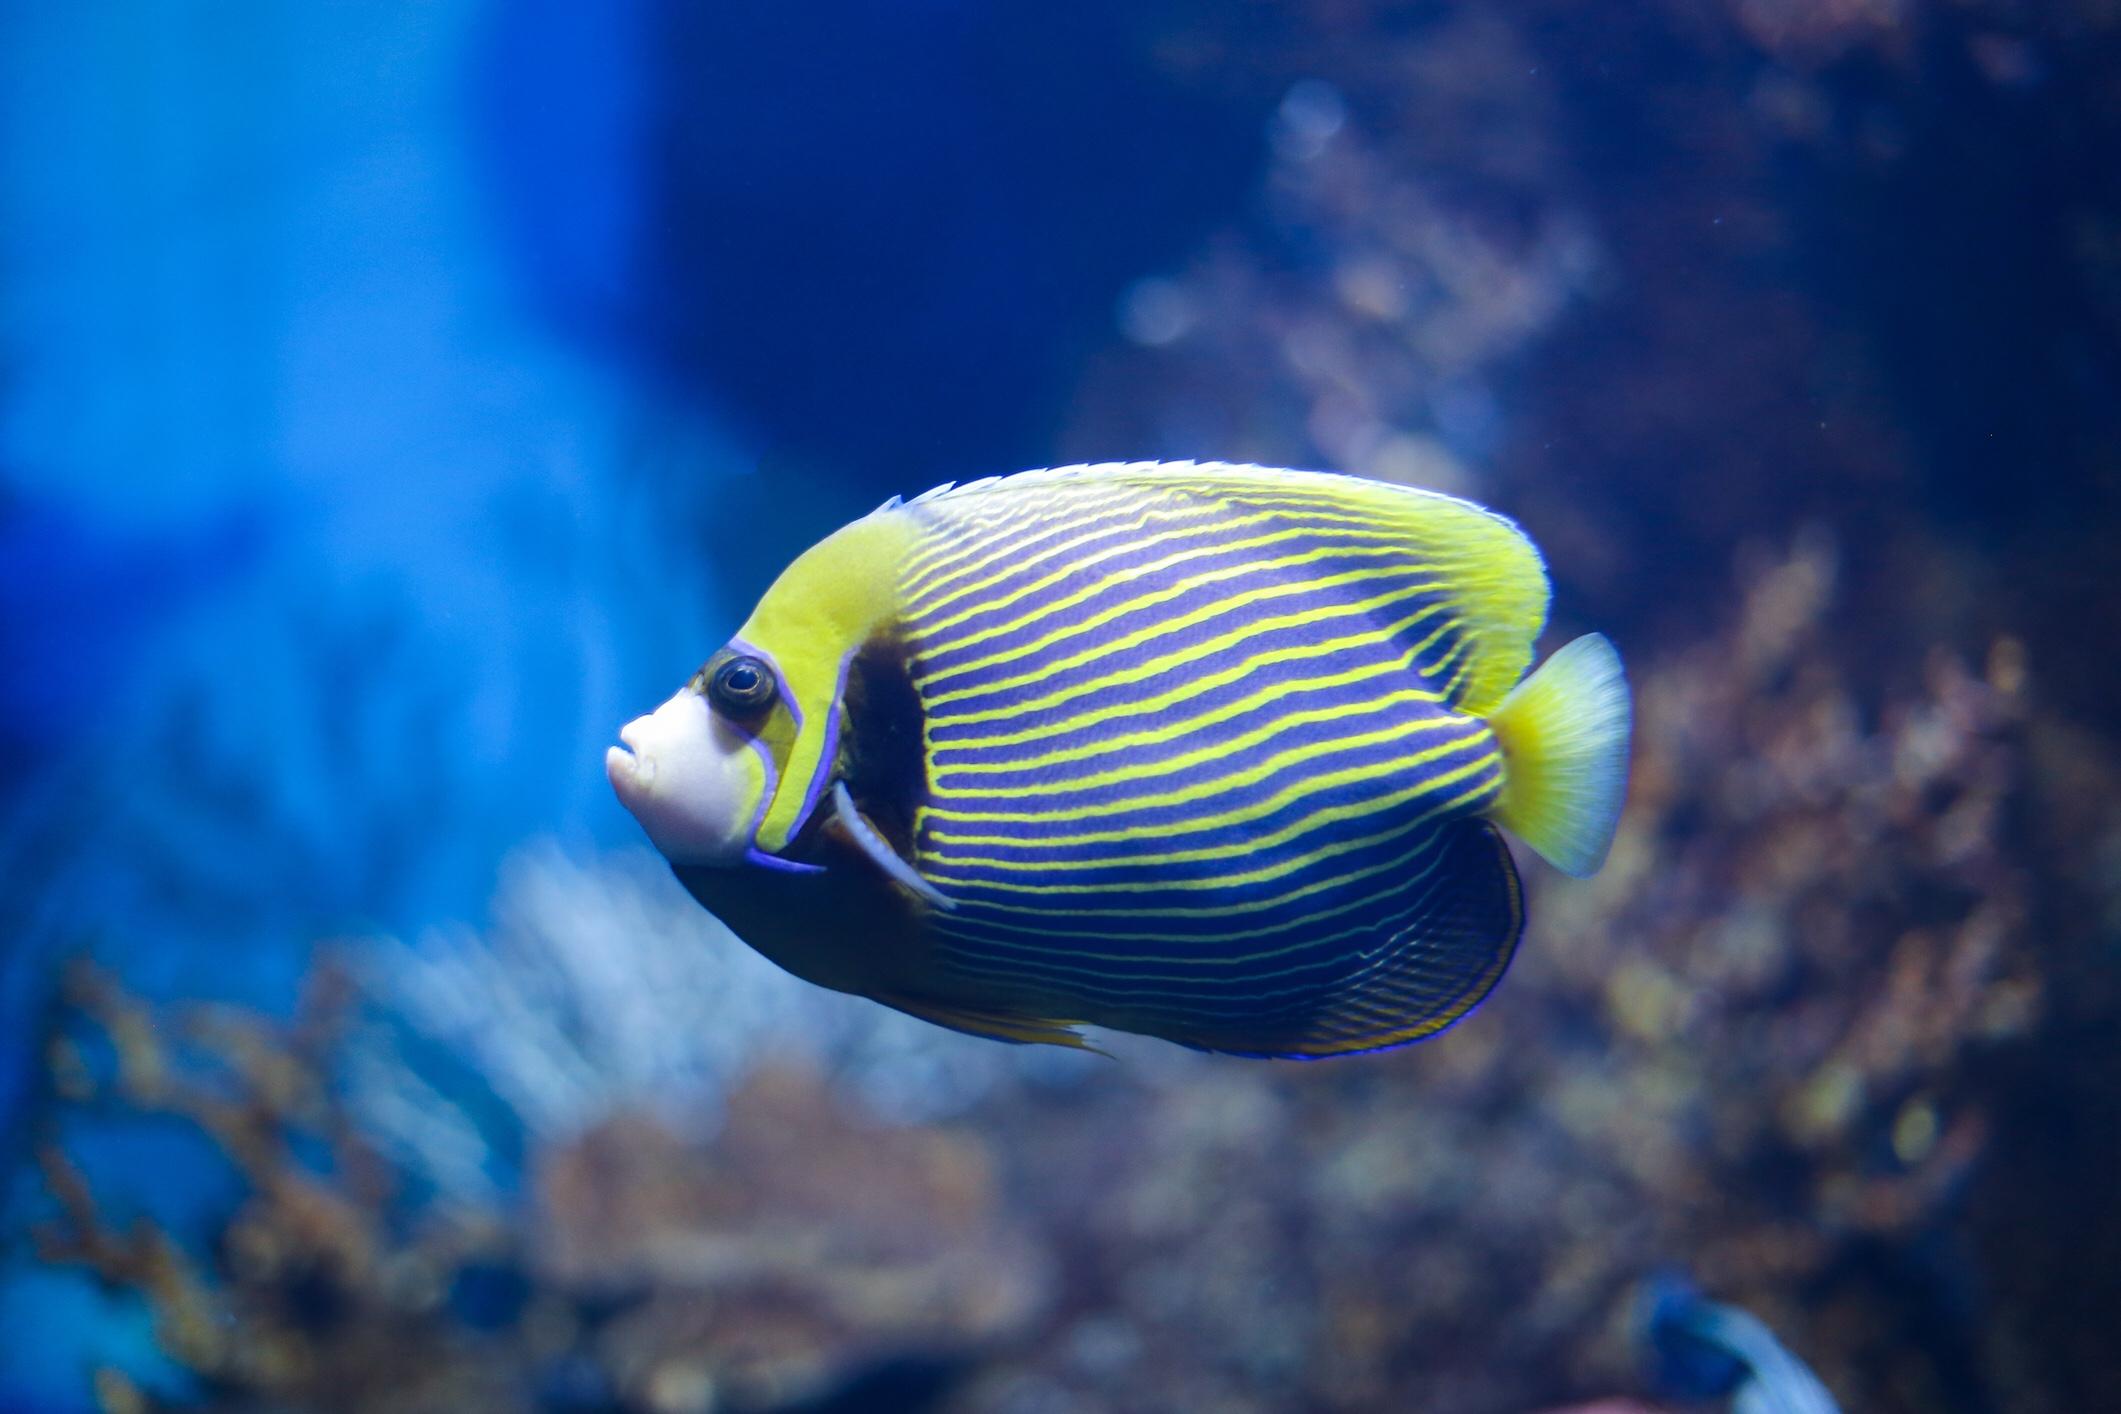 Emperor angelfish, iStock